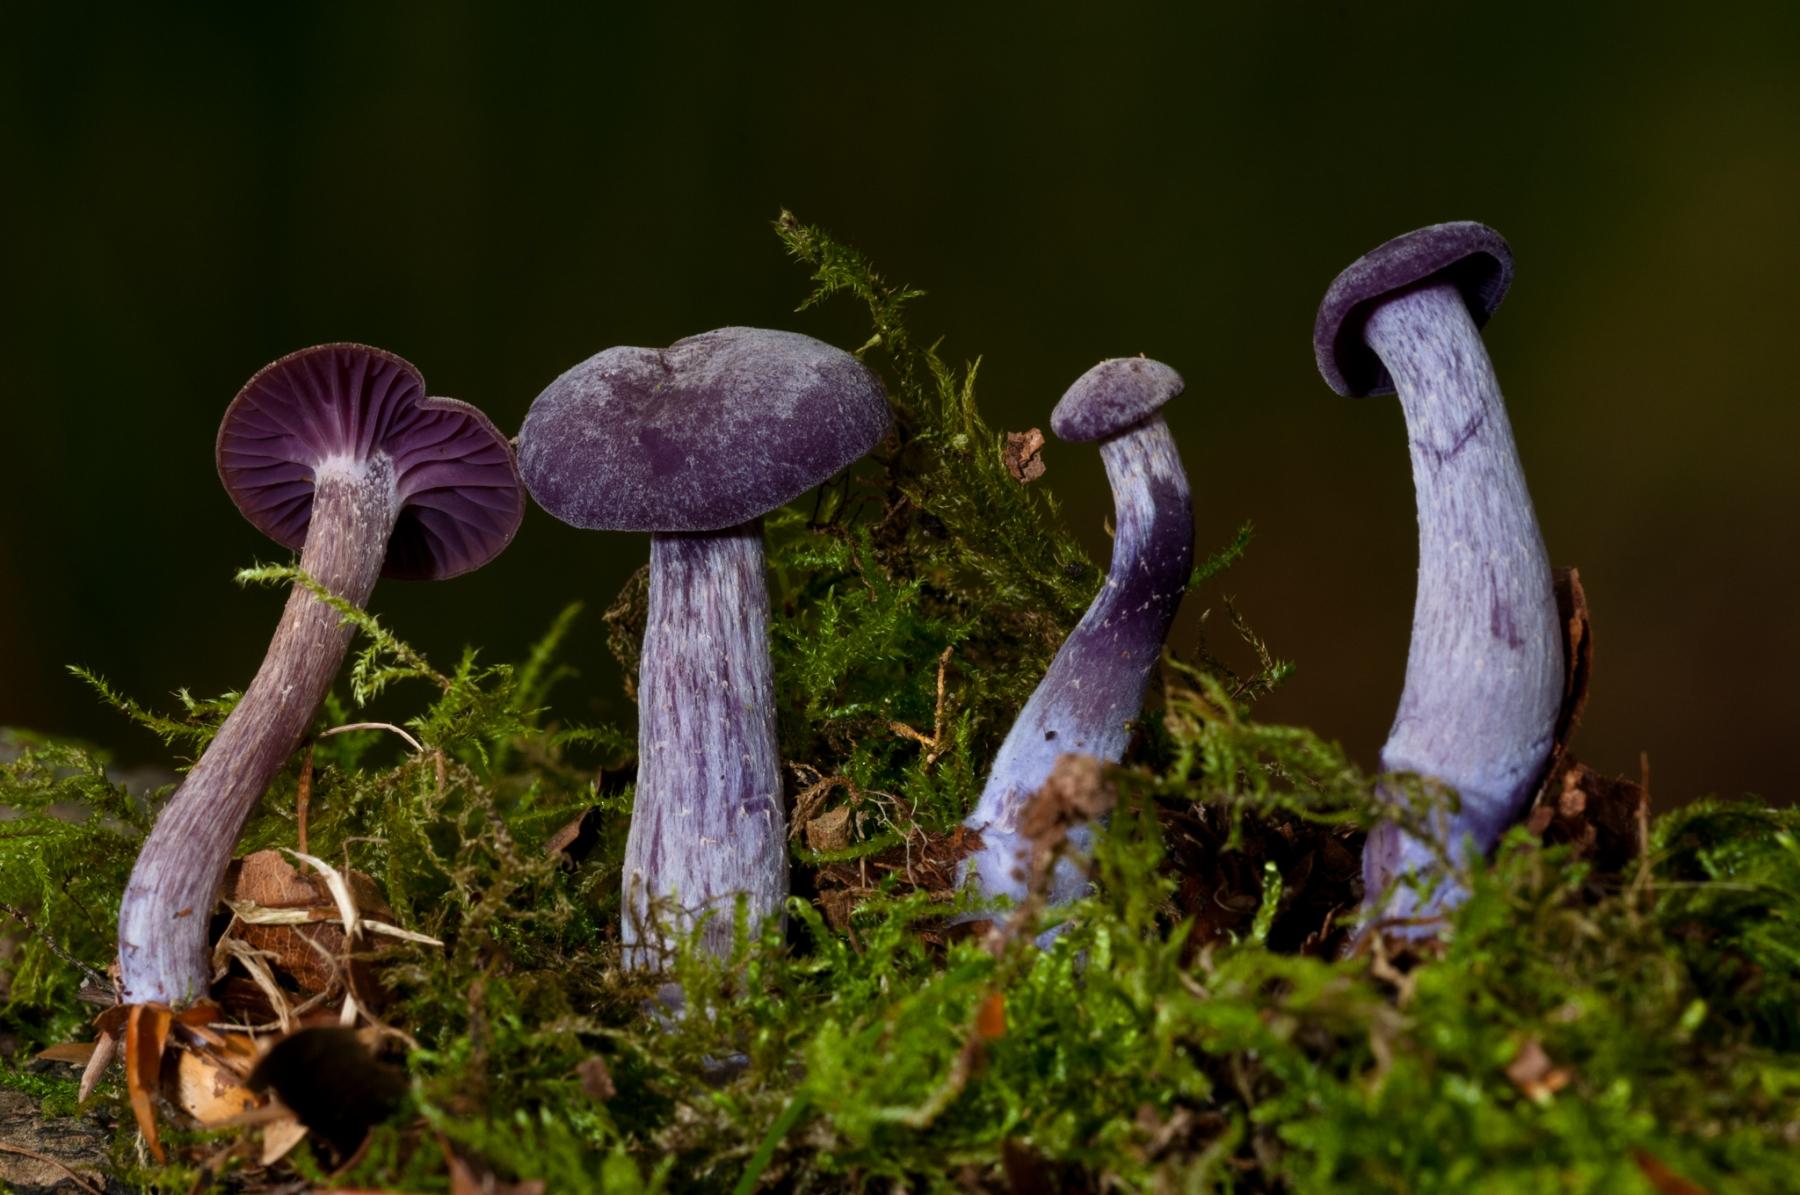 Laccaria amethystina - Amethyst Deceiver, Longshaw NT, Derbyshire.